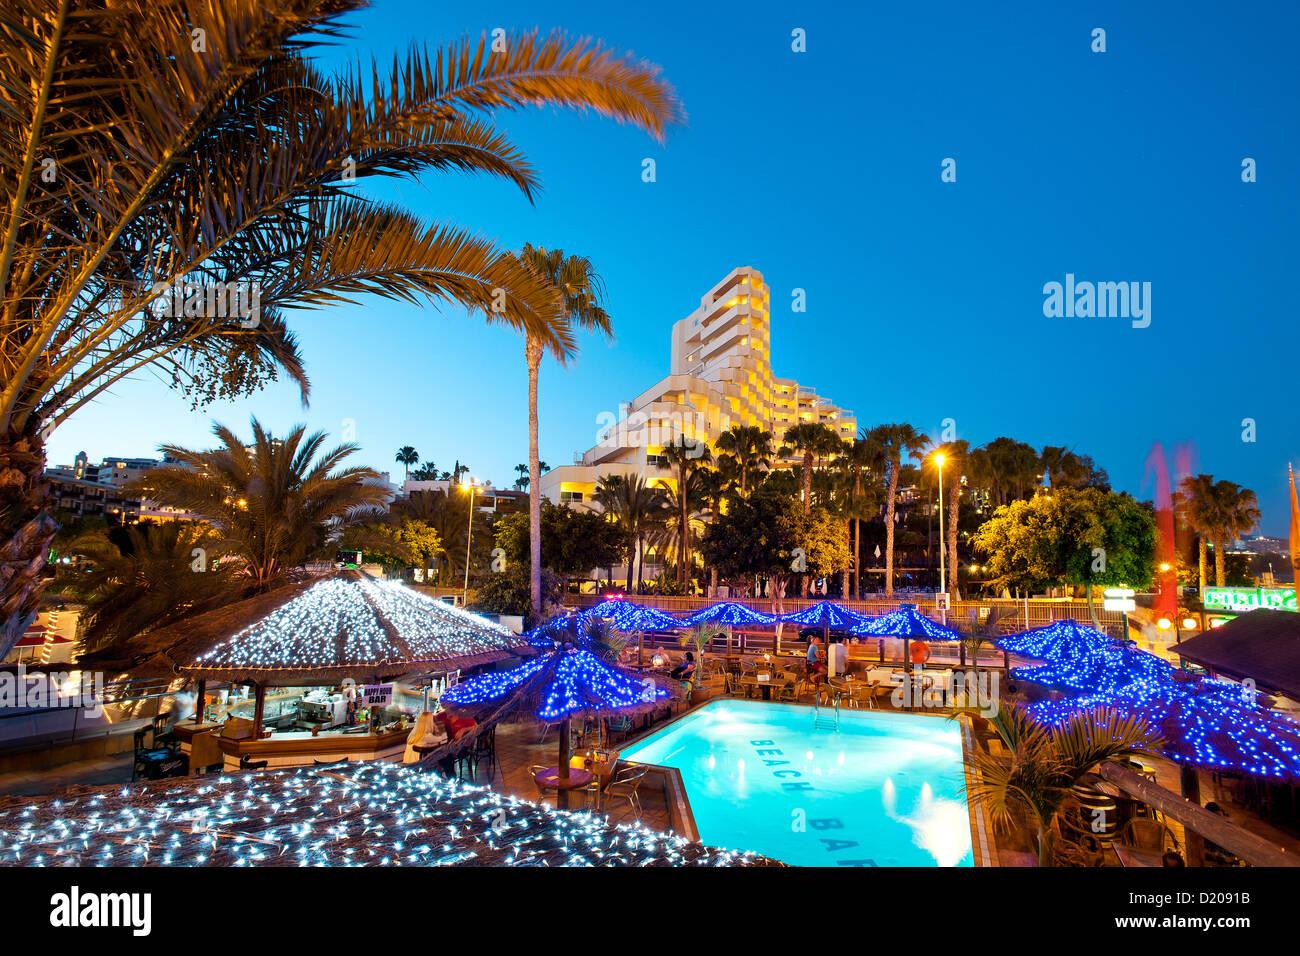 Hotel und Bar in den Abend, Playa de Ingles, Gran Canaria, Kanarische Inseln, Spanien Stockbild